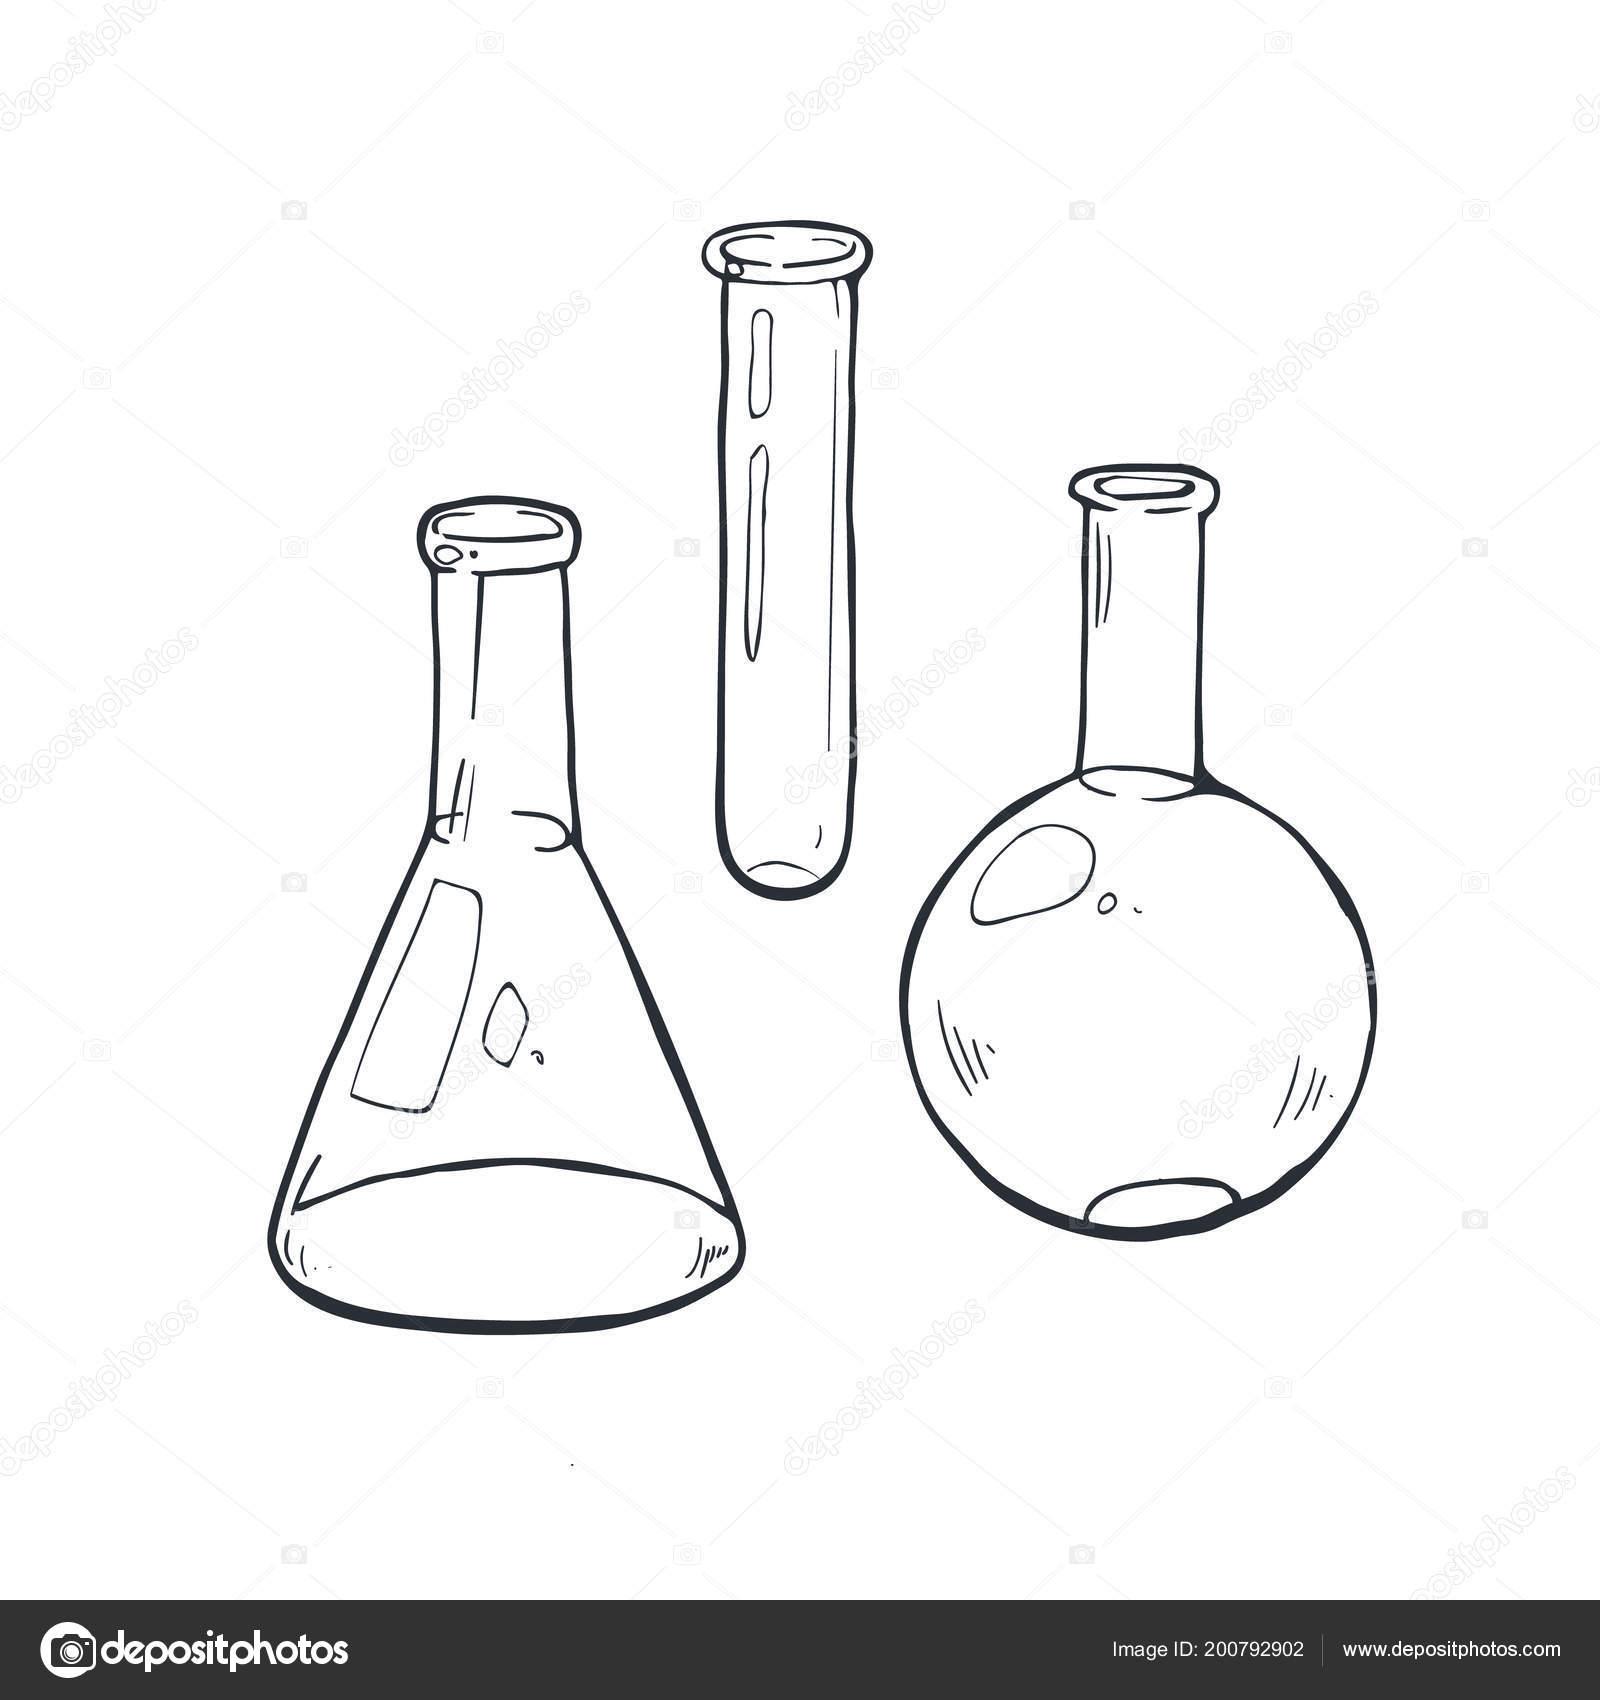 Vaso de precipitado para laboratorio de quimica